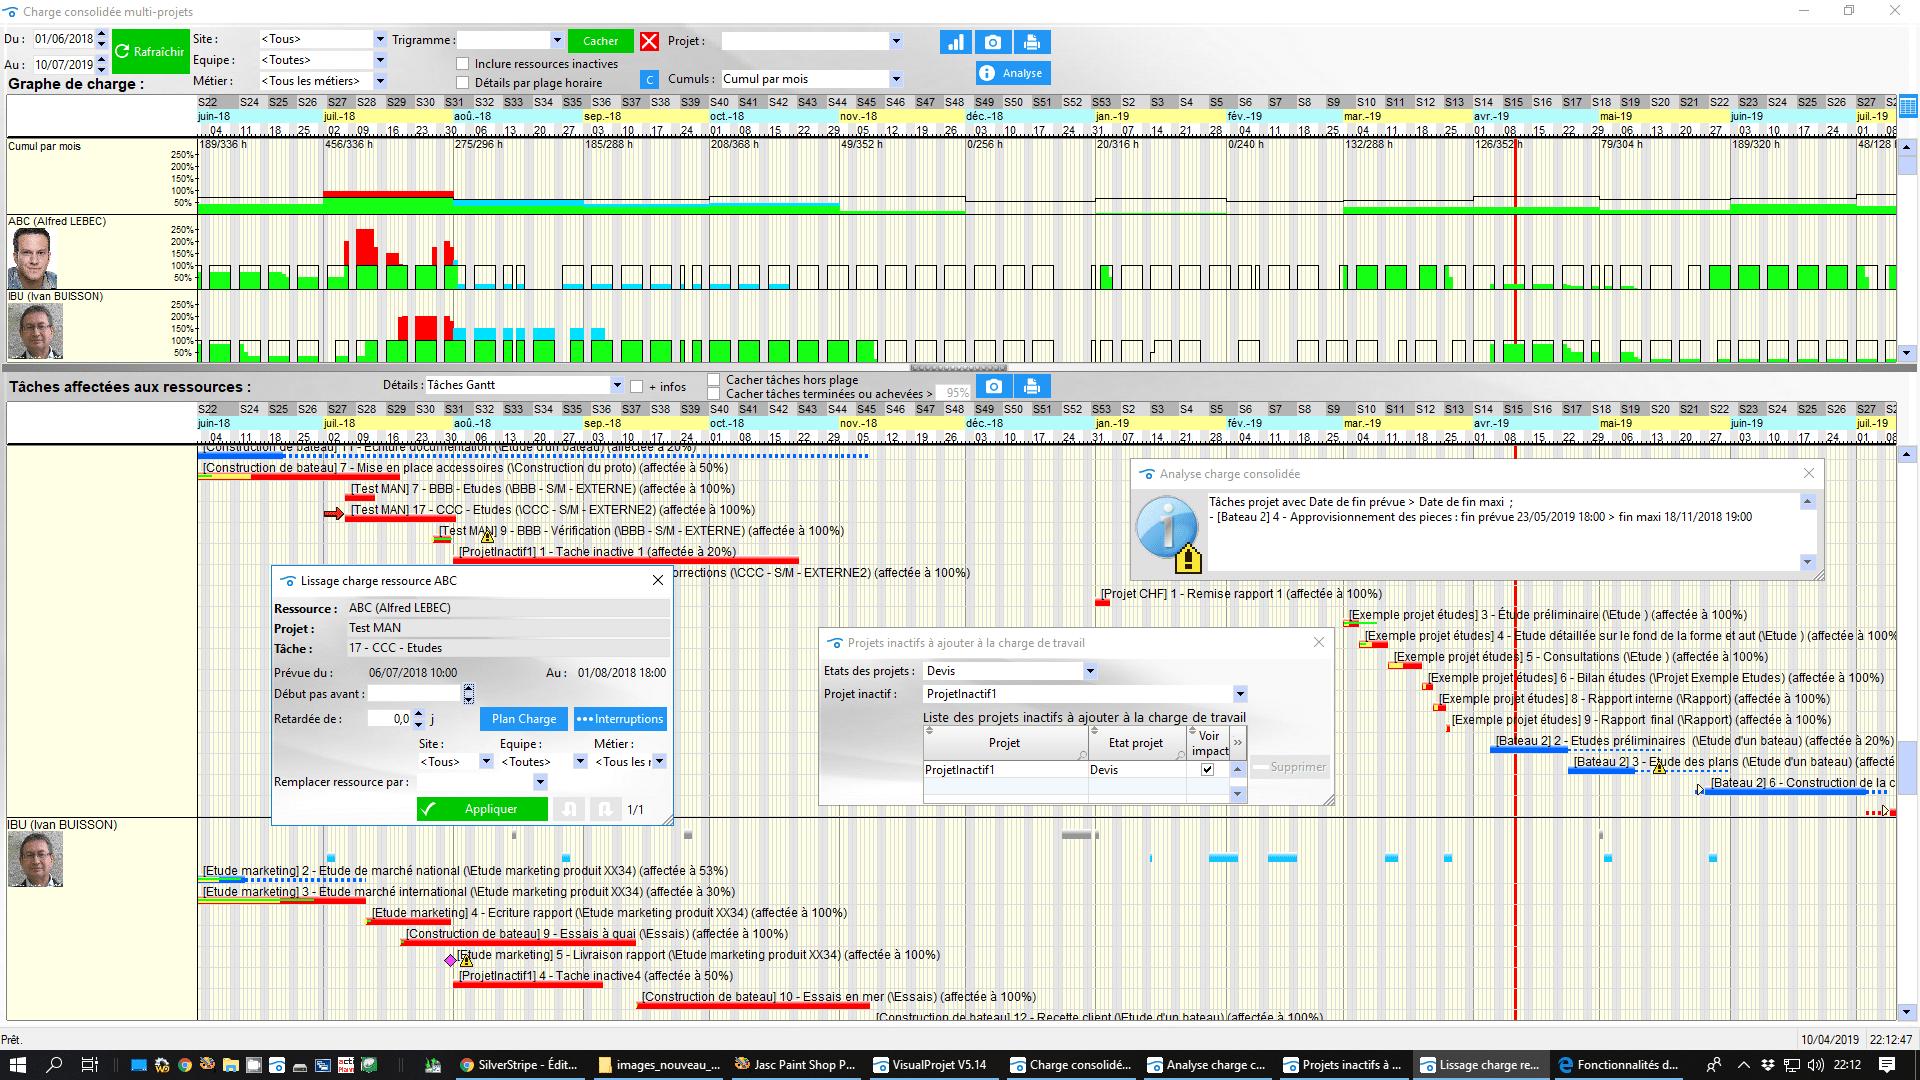 Fonctionnalits dtailles de visualprojet logiciel de gestion de charge travail logiciel gestion projet visualprojet ccuart Images